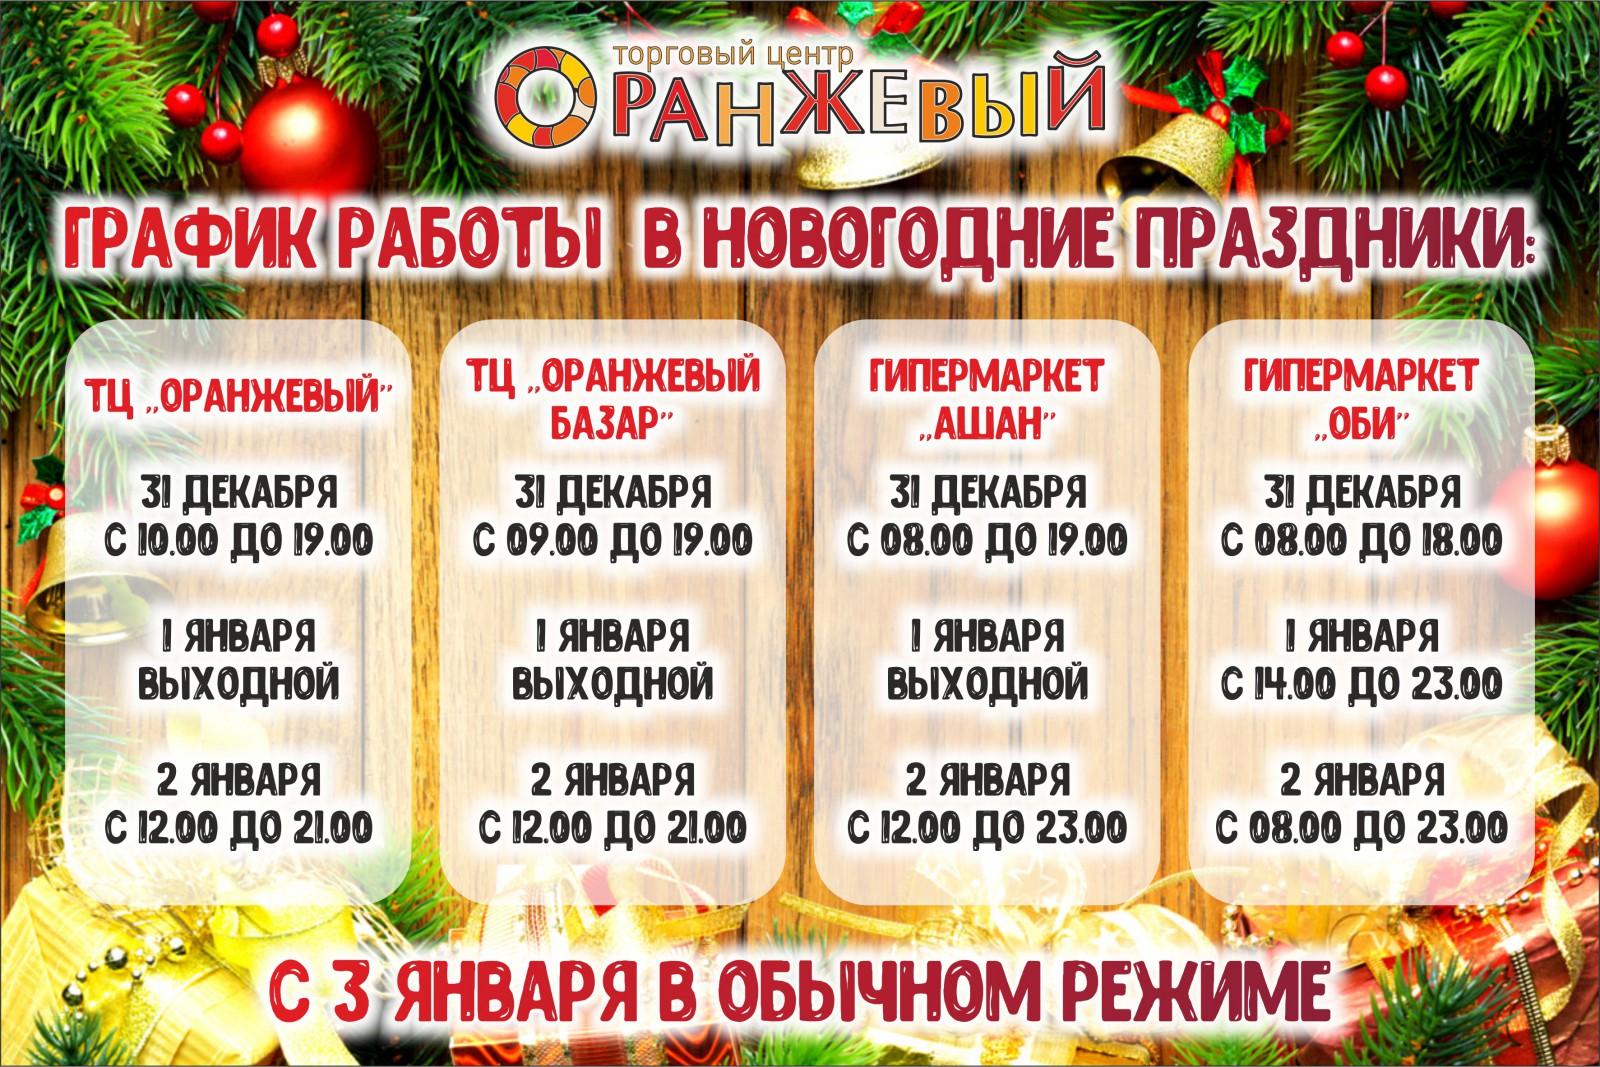 работа в новогодние праздники саратов